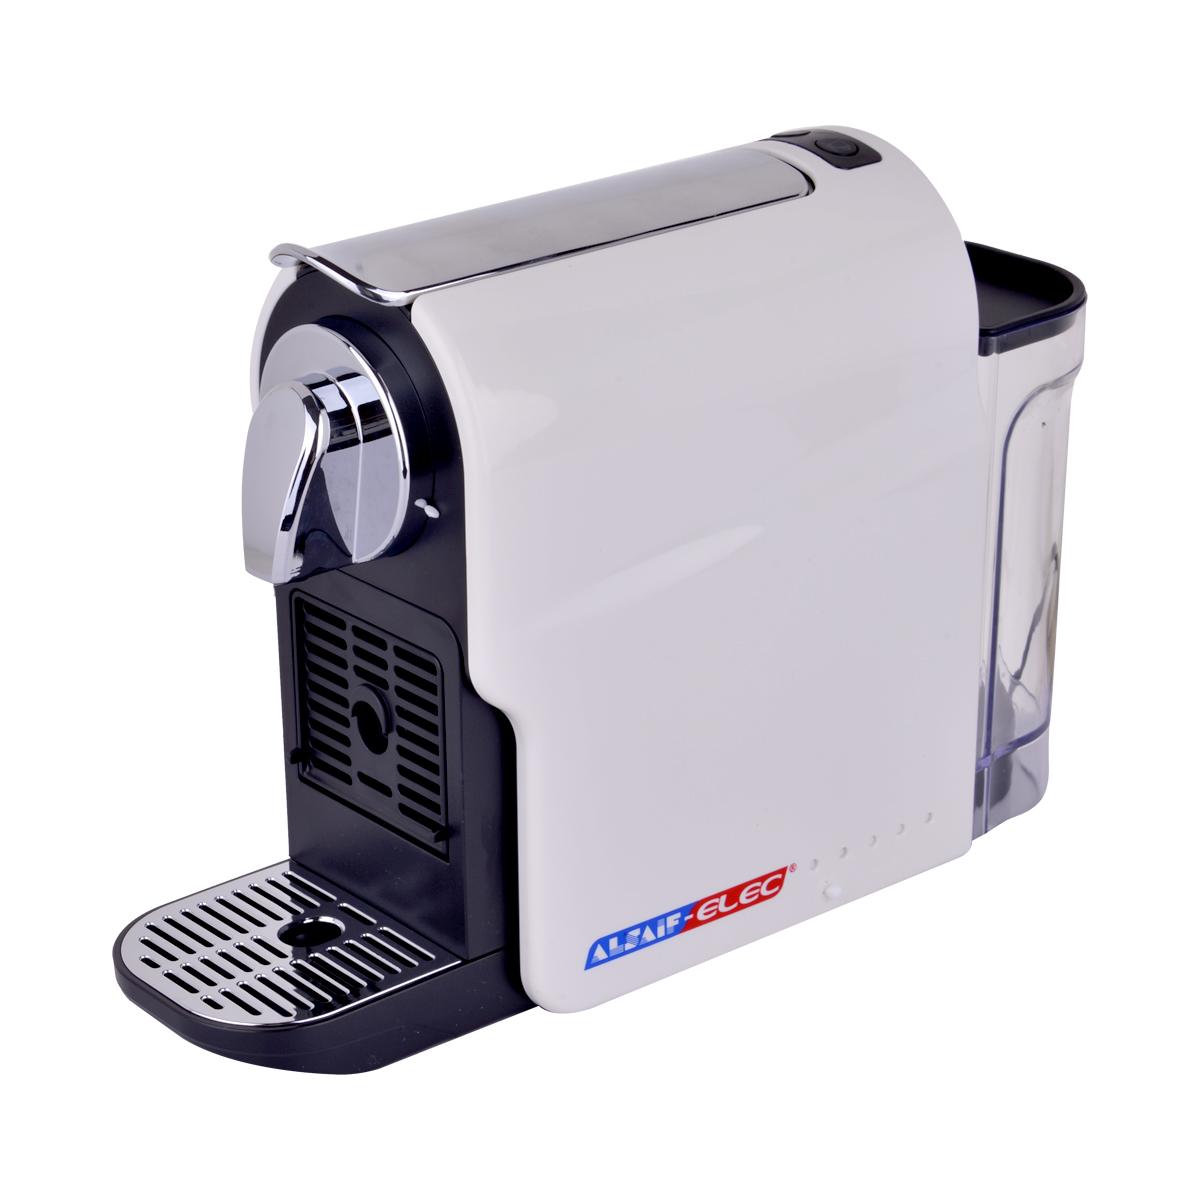 صانعة القهوة الكهربائية - اسبريسو كبسولات - من السيف اليك - 1350 واط